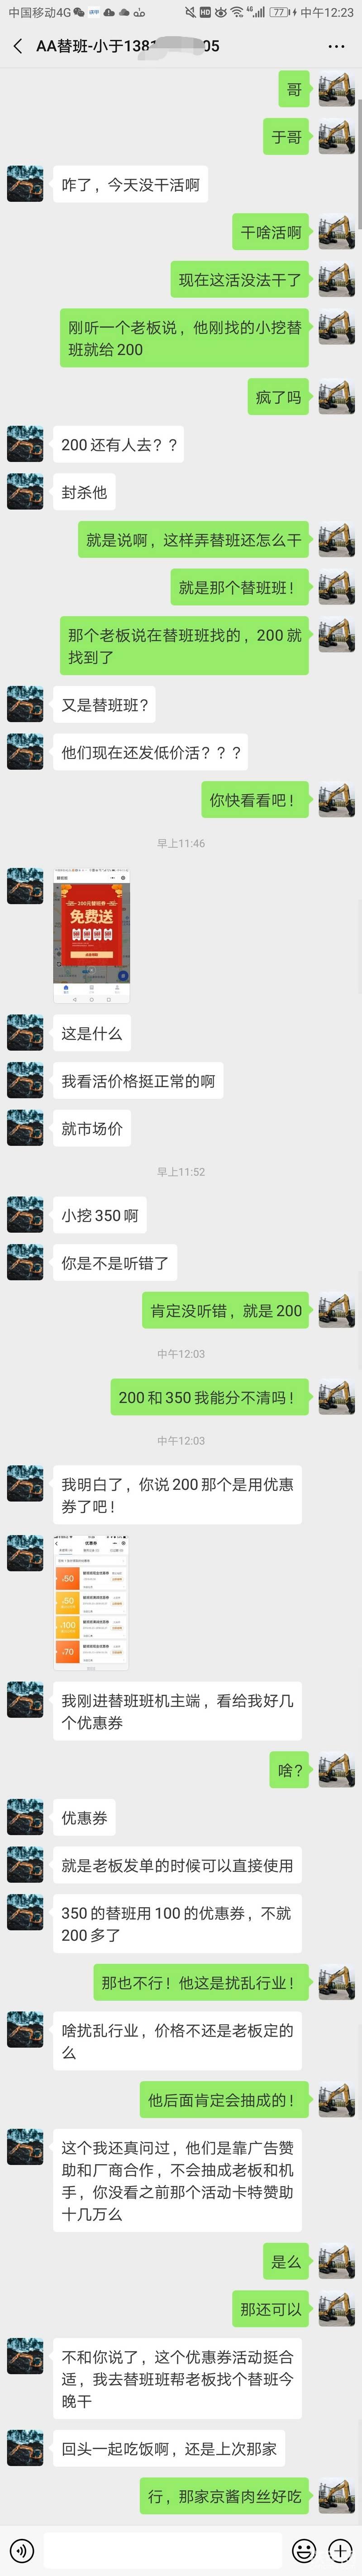 小挖一个班只要200!北京替班群炸锅了!!!-帖子图片